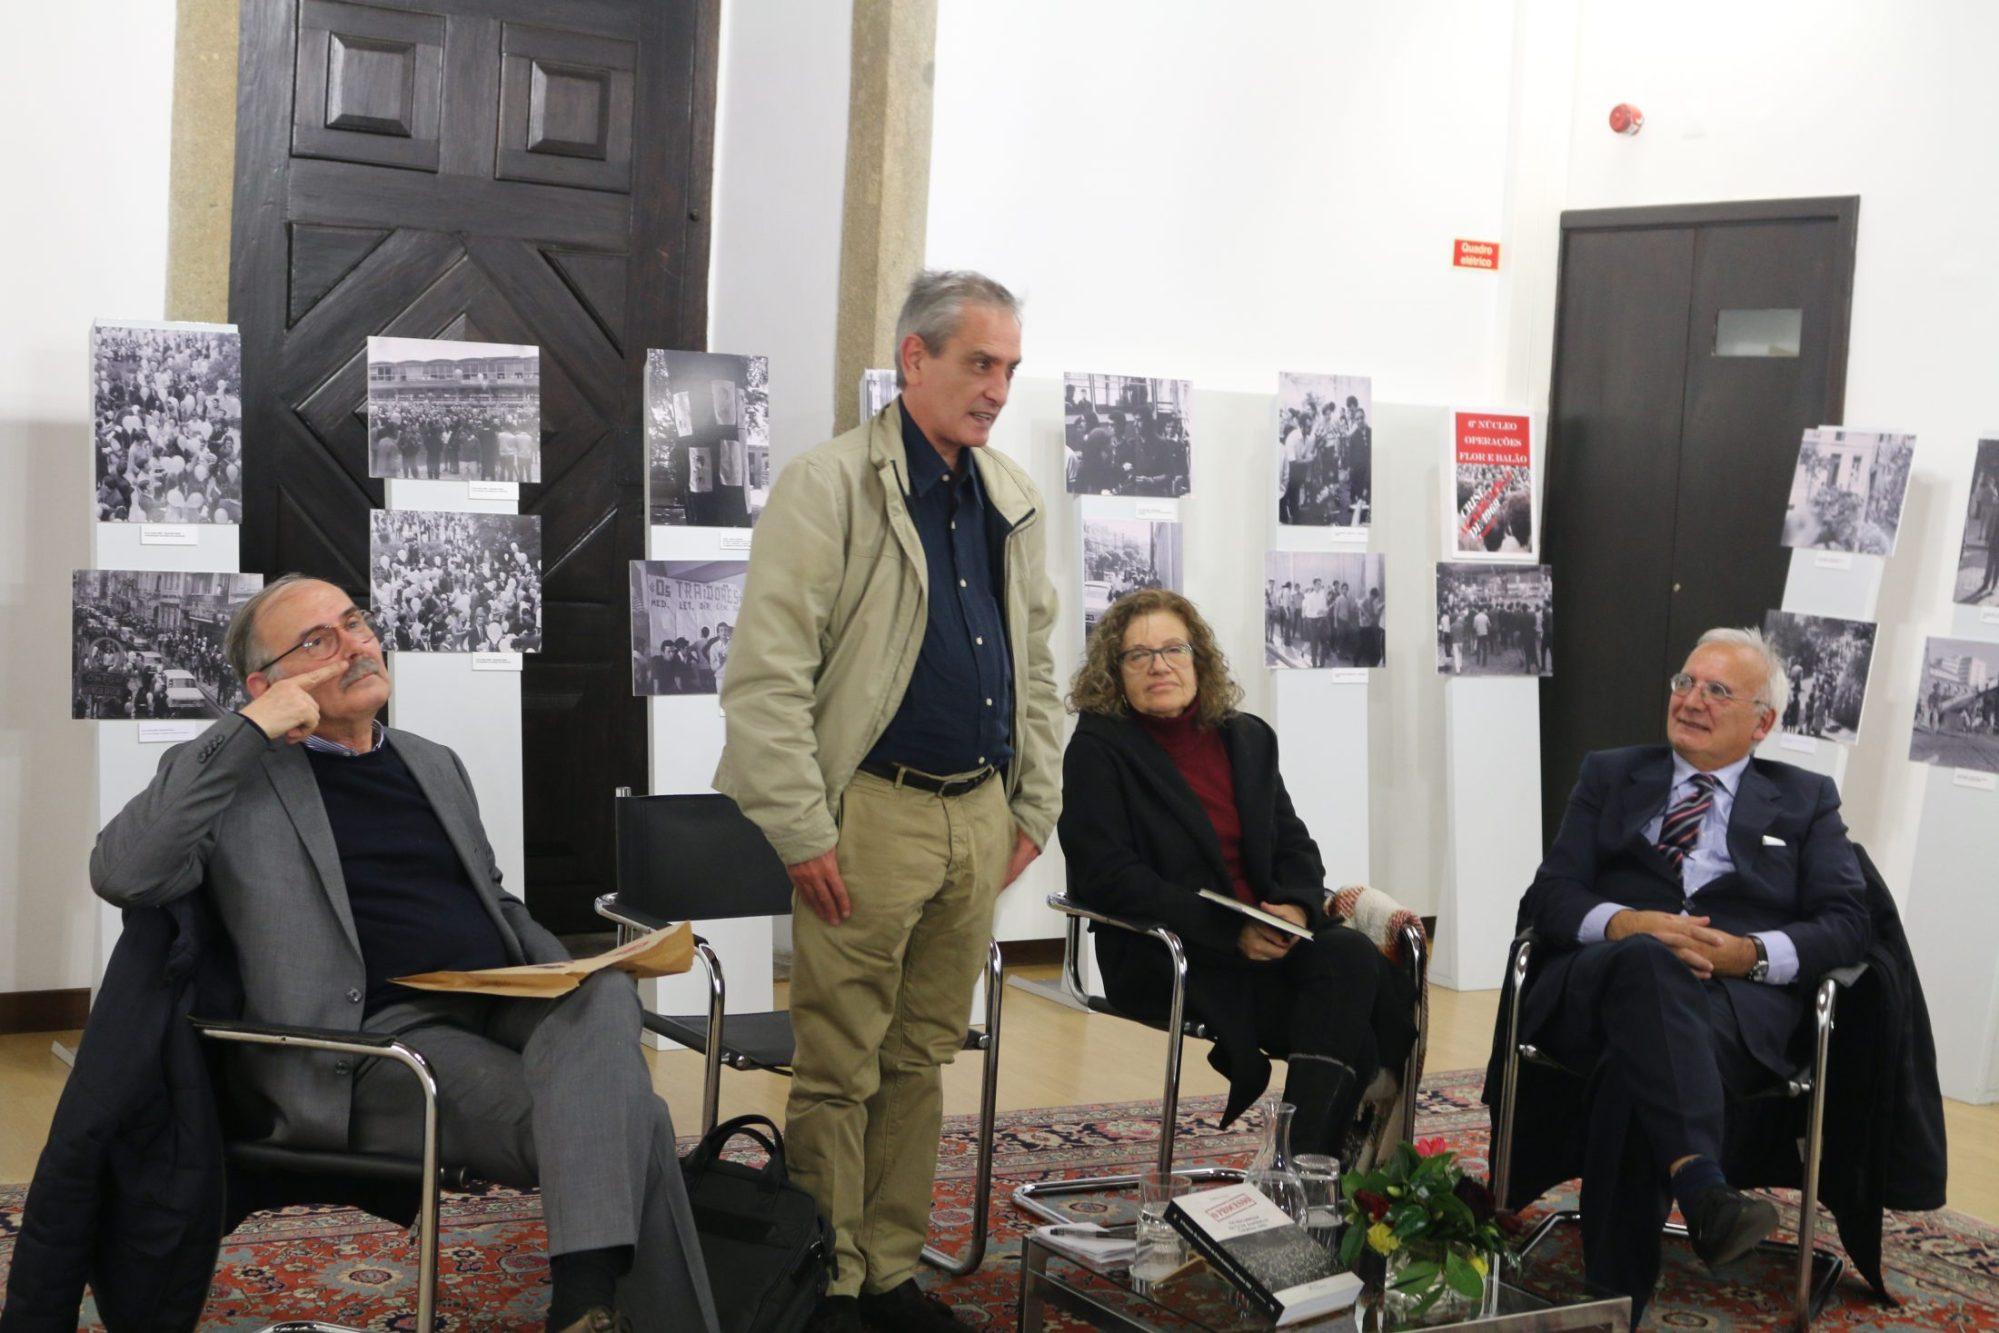 Apresentação do livro de  Gualberto Freitas (foto: Francisco de Assis/Diário do Minho)